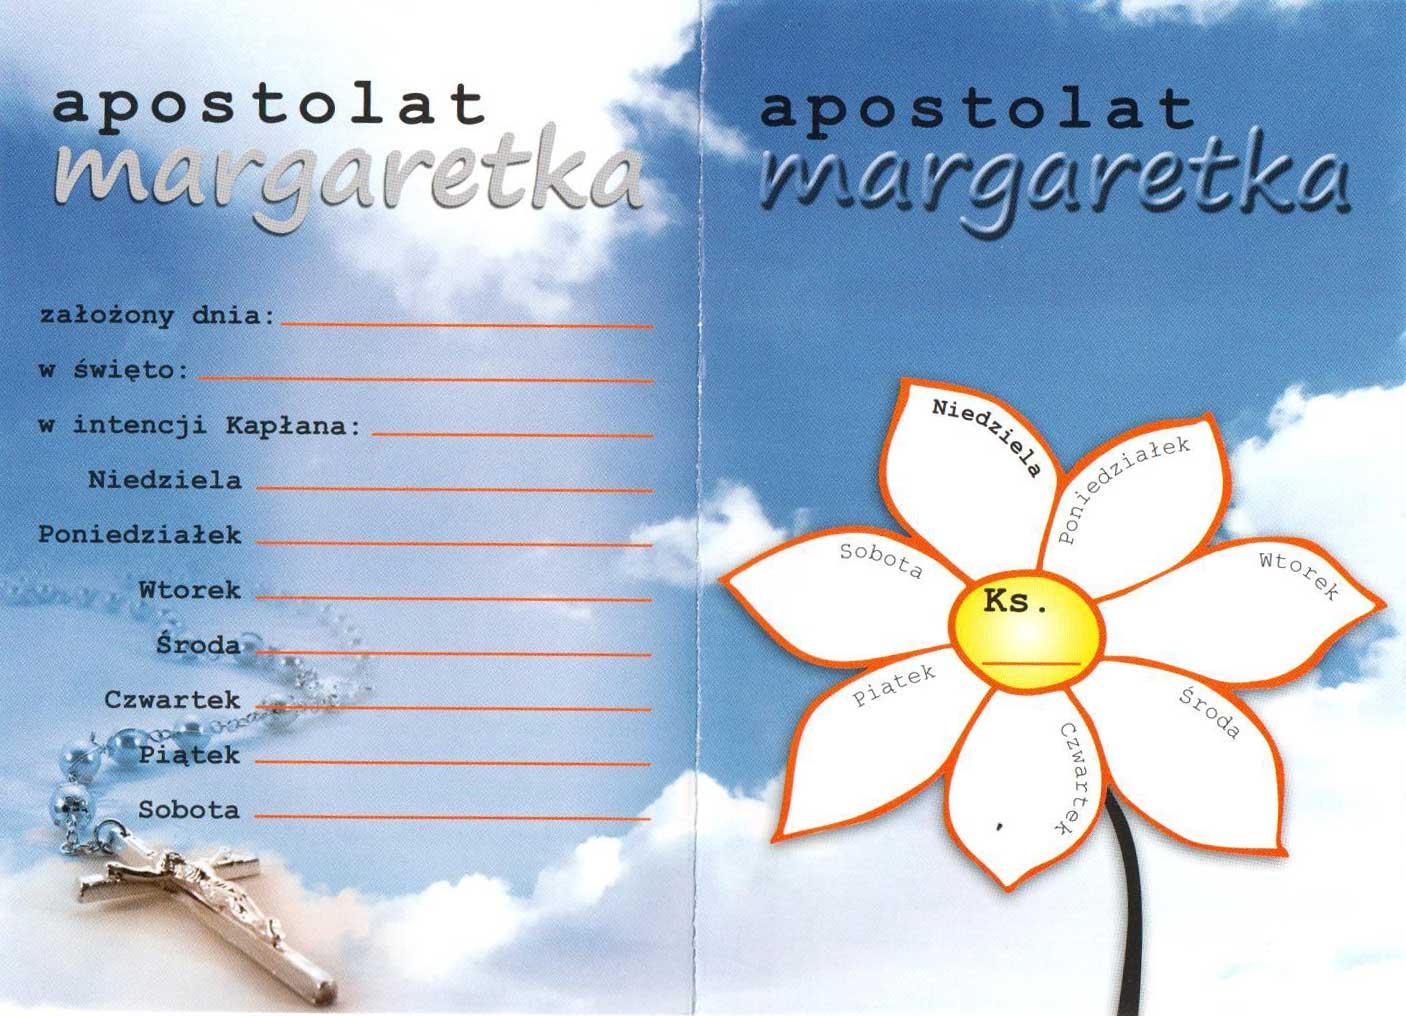 Apostolat Margaretki